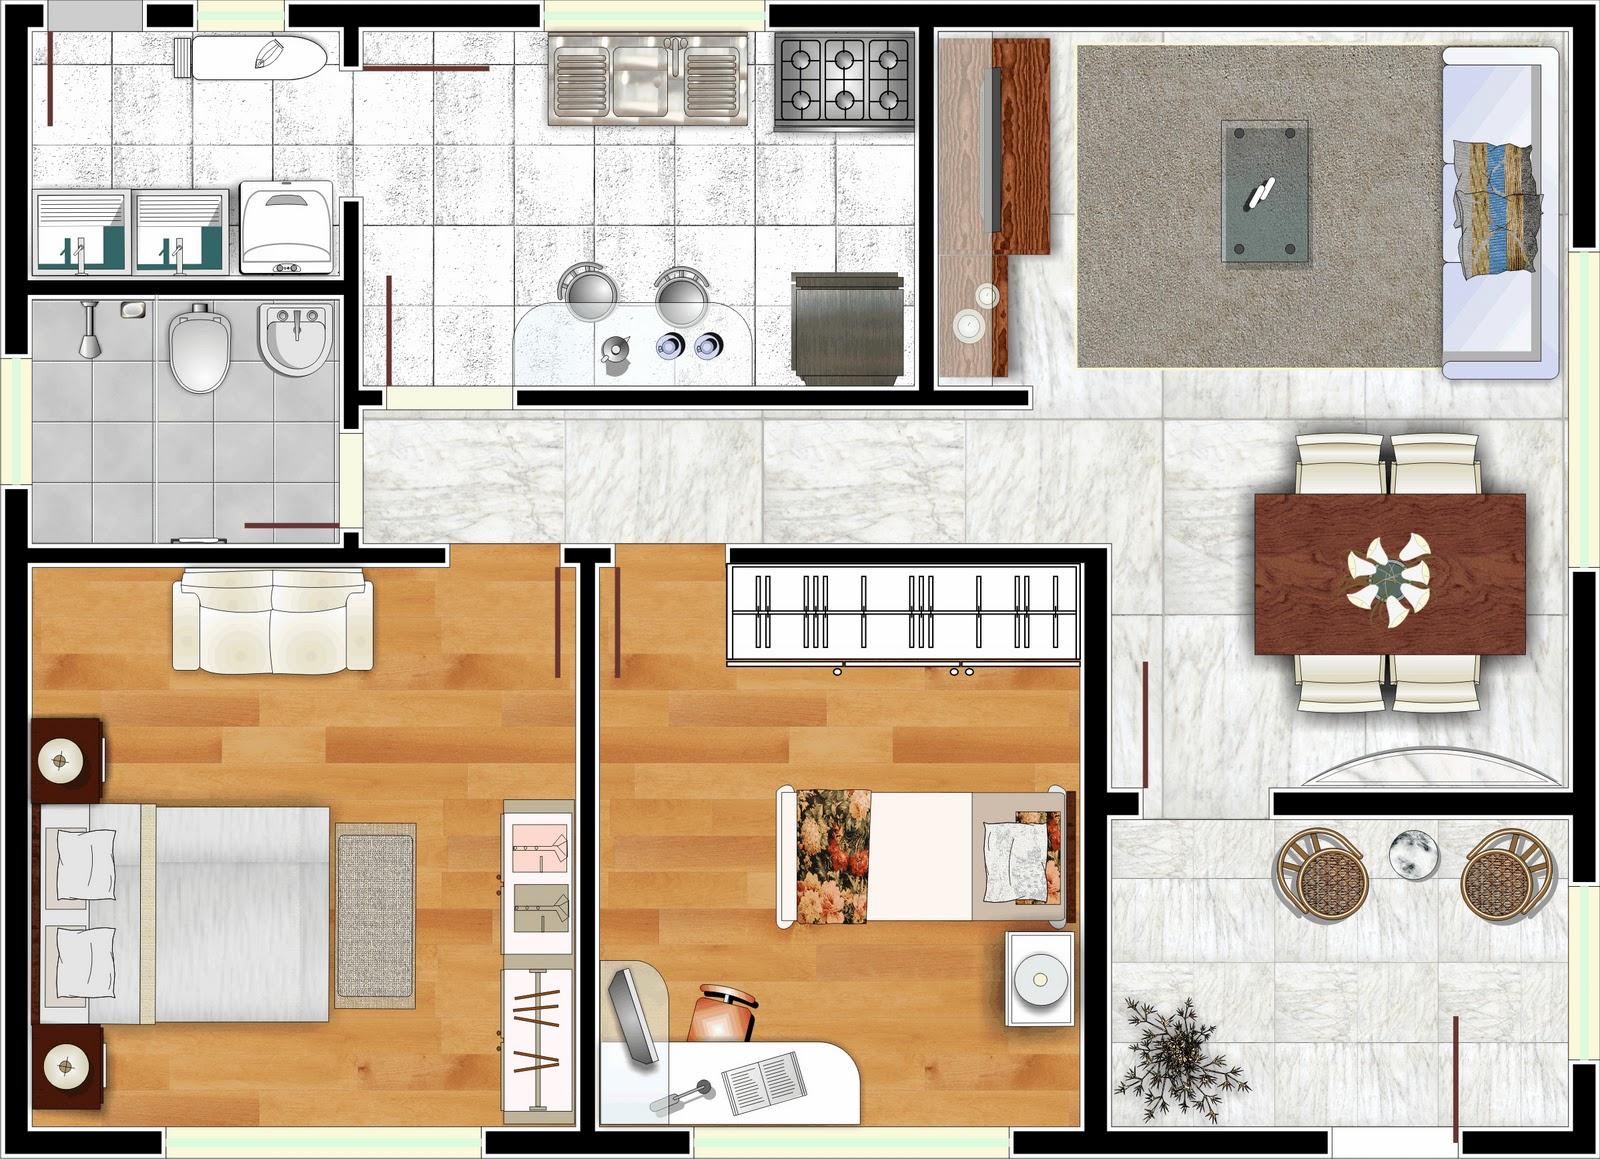 #9D662E para dar uma ajuda aqui vão na galeria algumas fotos de plantas de  1600x1159 px um banheiro para dois quartos